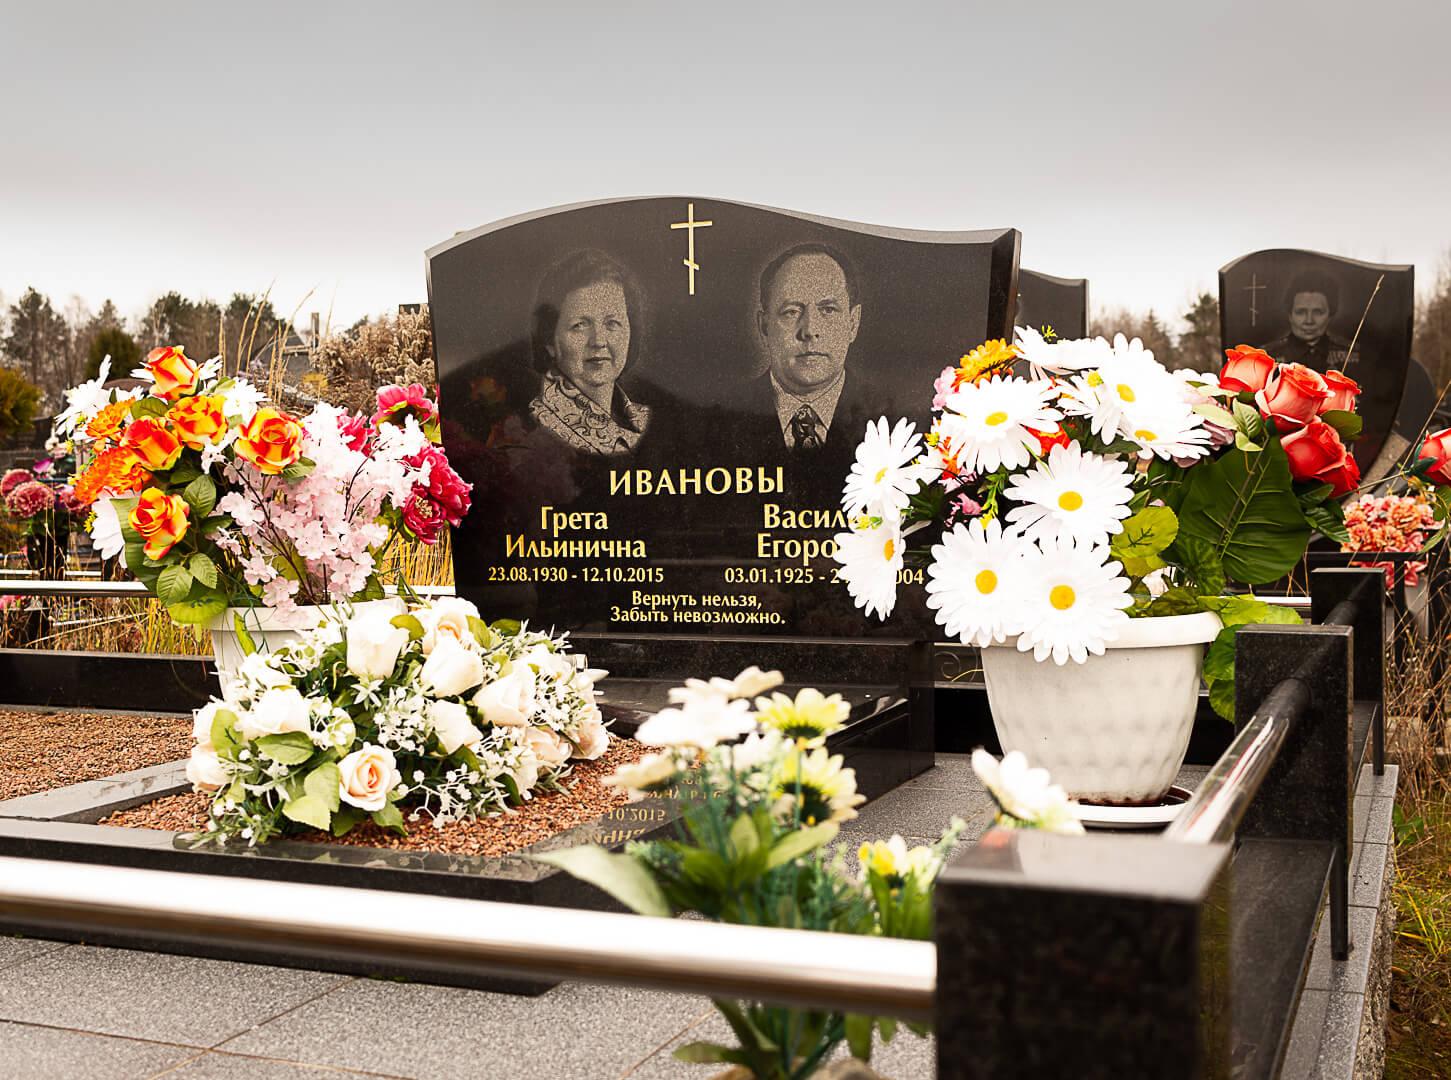 Памятник на Северном кладбище в Минске от нашей компании